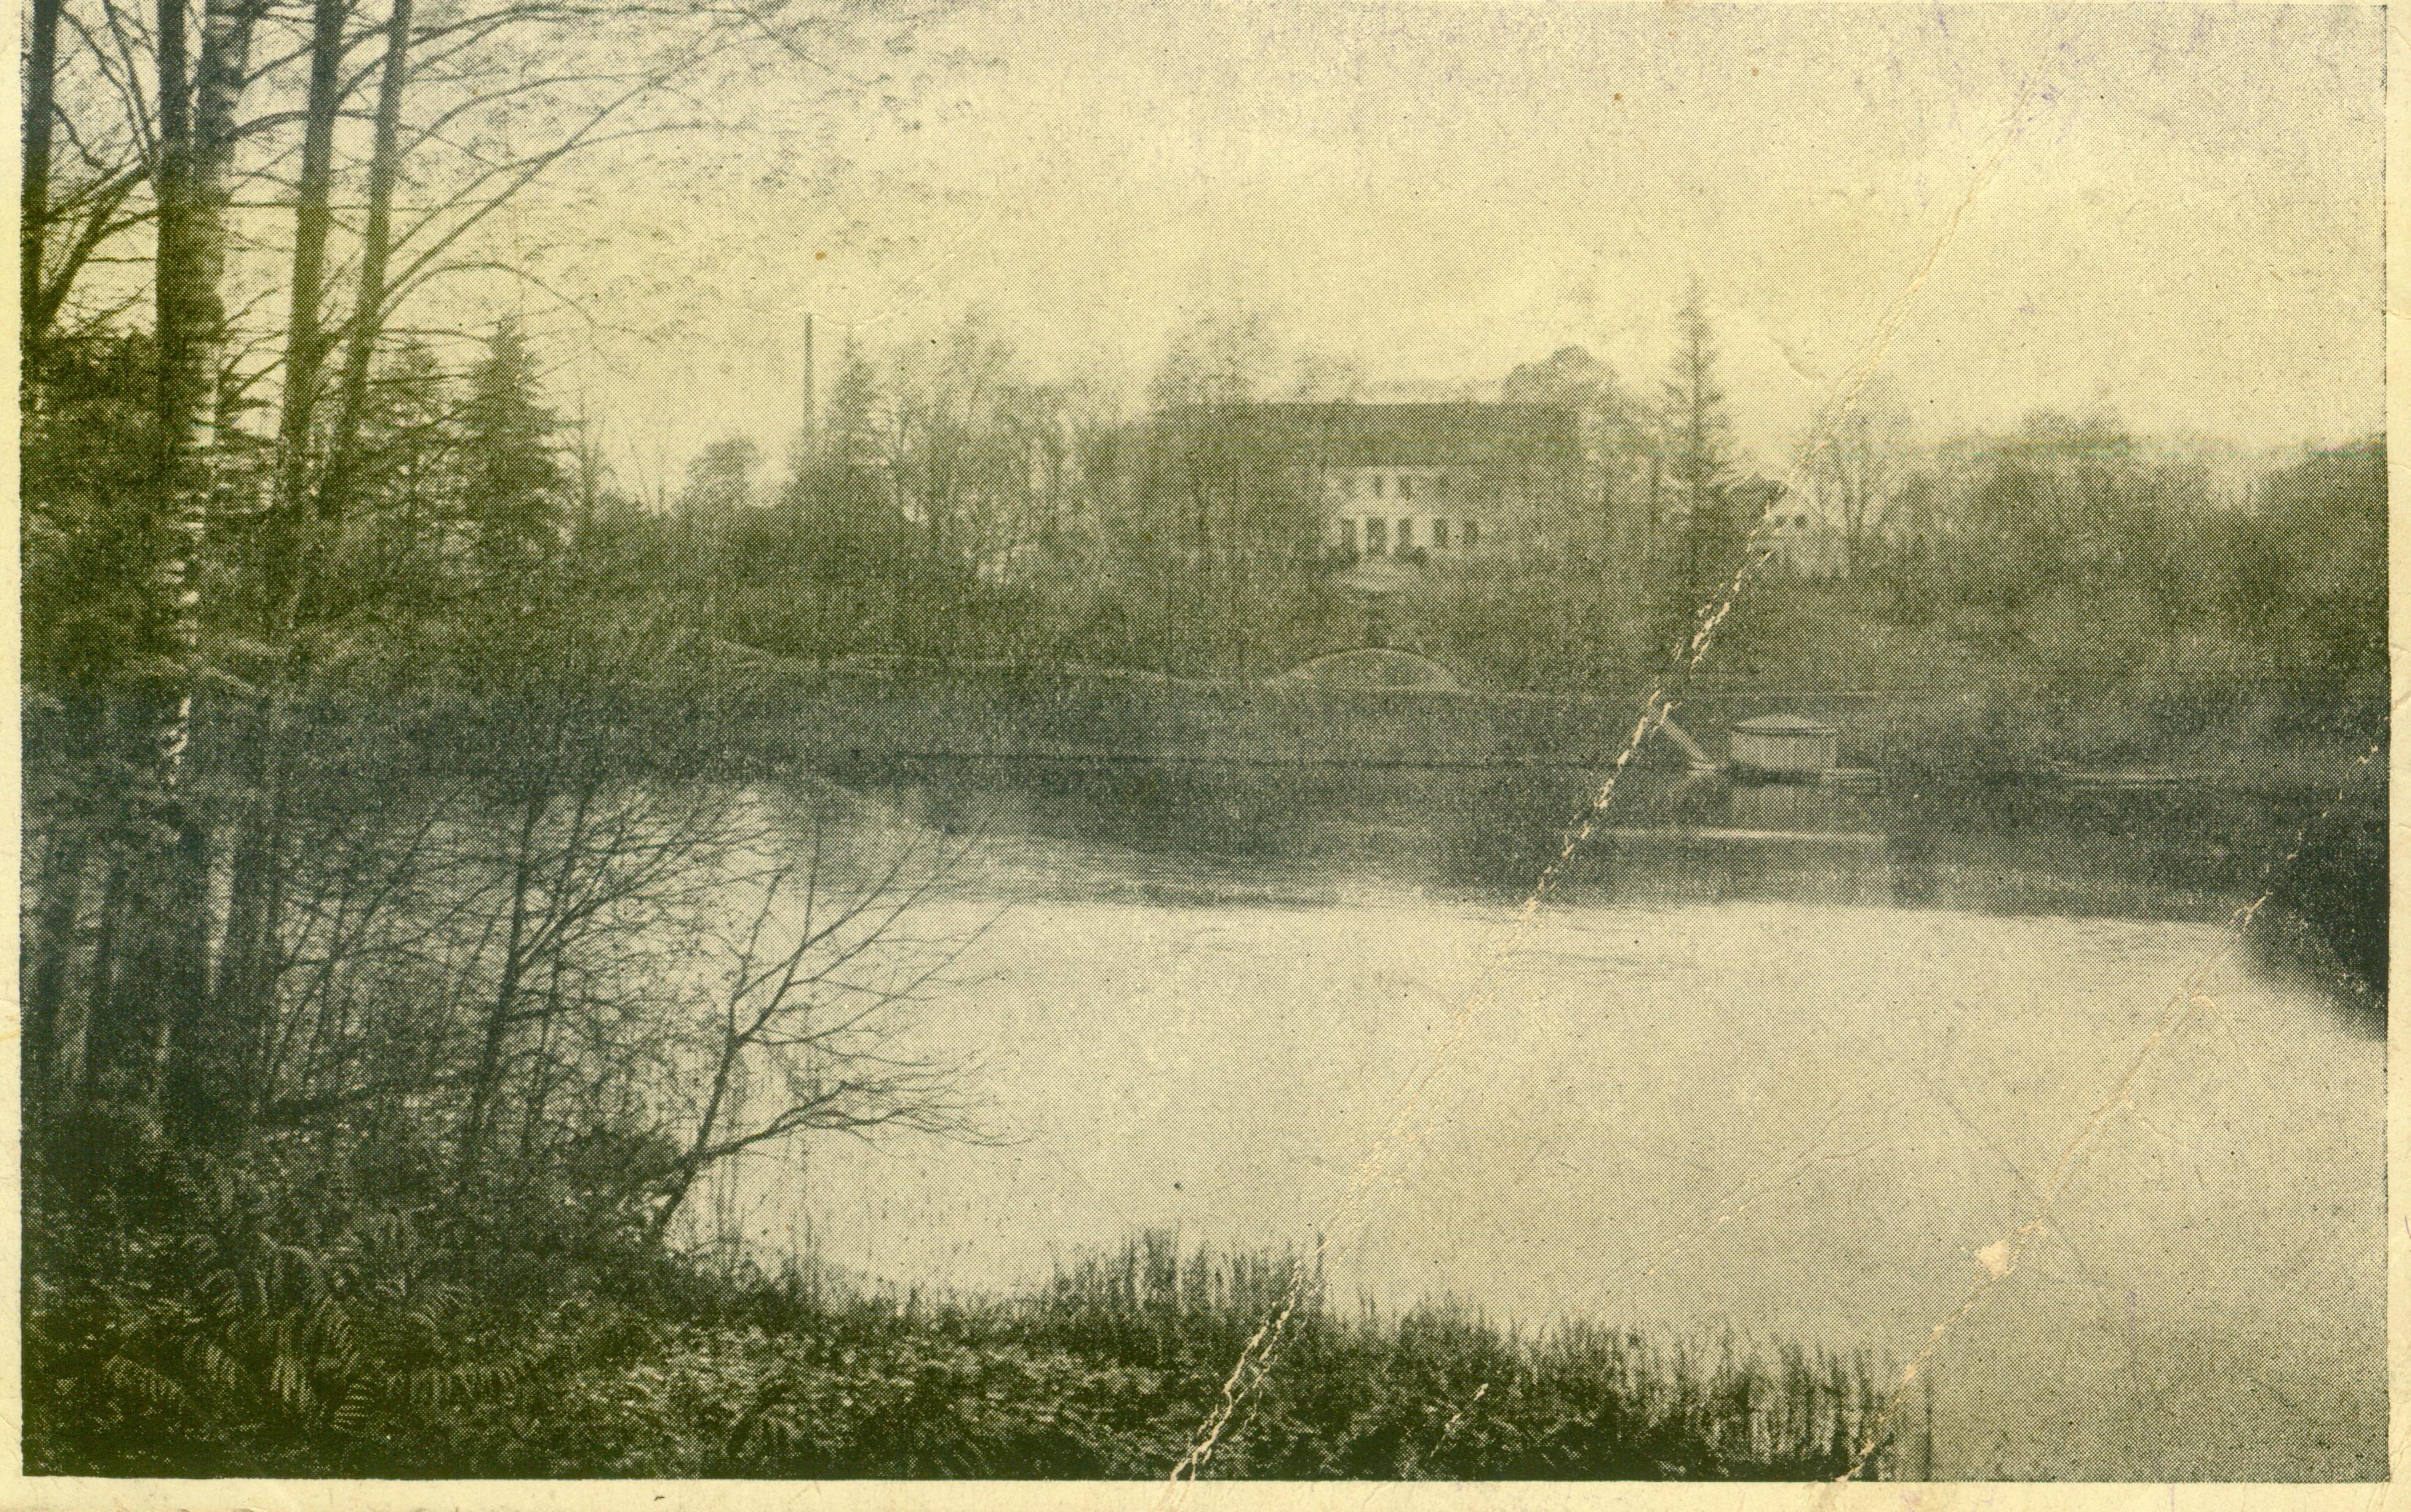 Sosny-widok od strony jeziora